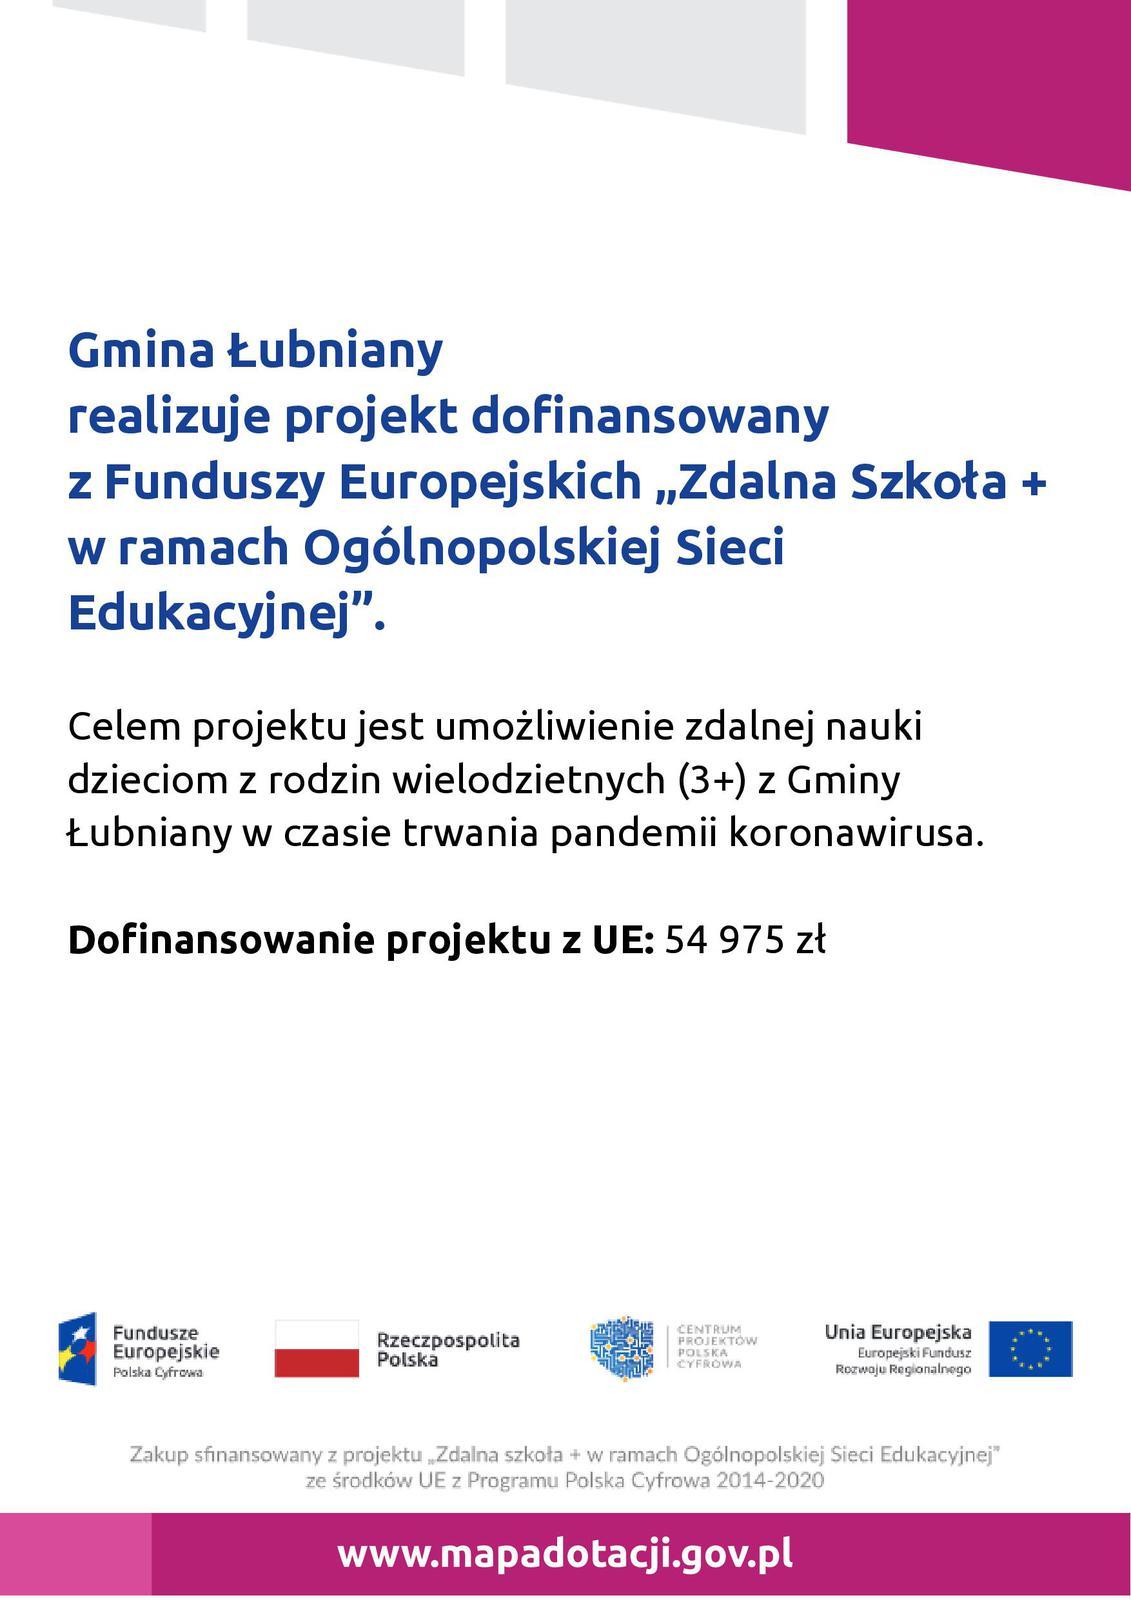 """Gmina Łubniany realizuje projekt dofinansowany z Funduszy Europejskich """"Zdalna Szkoła + w ramach Ogólnopolskiej Sieci Edukacyjnej"""""""